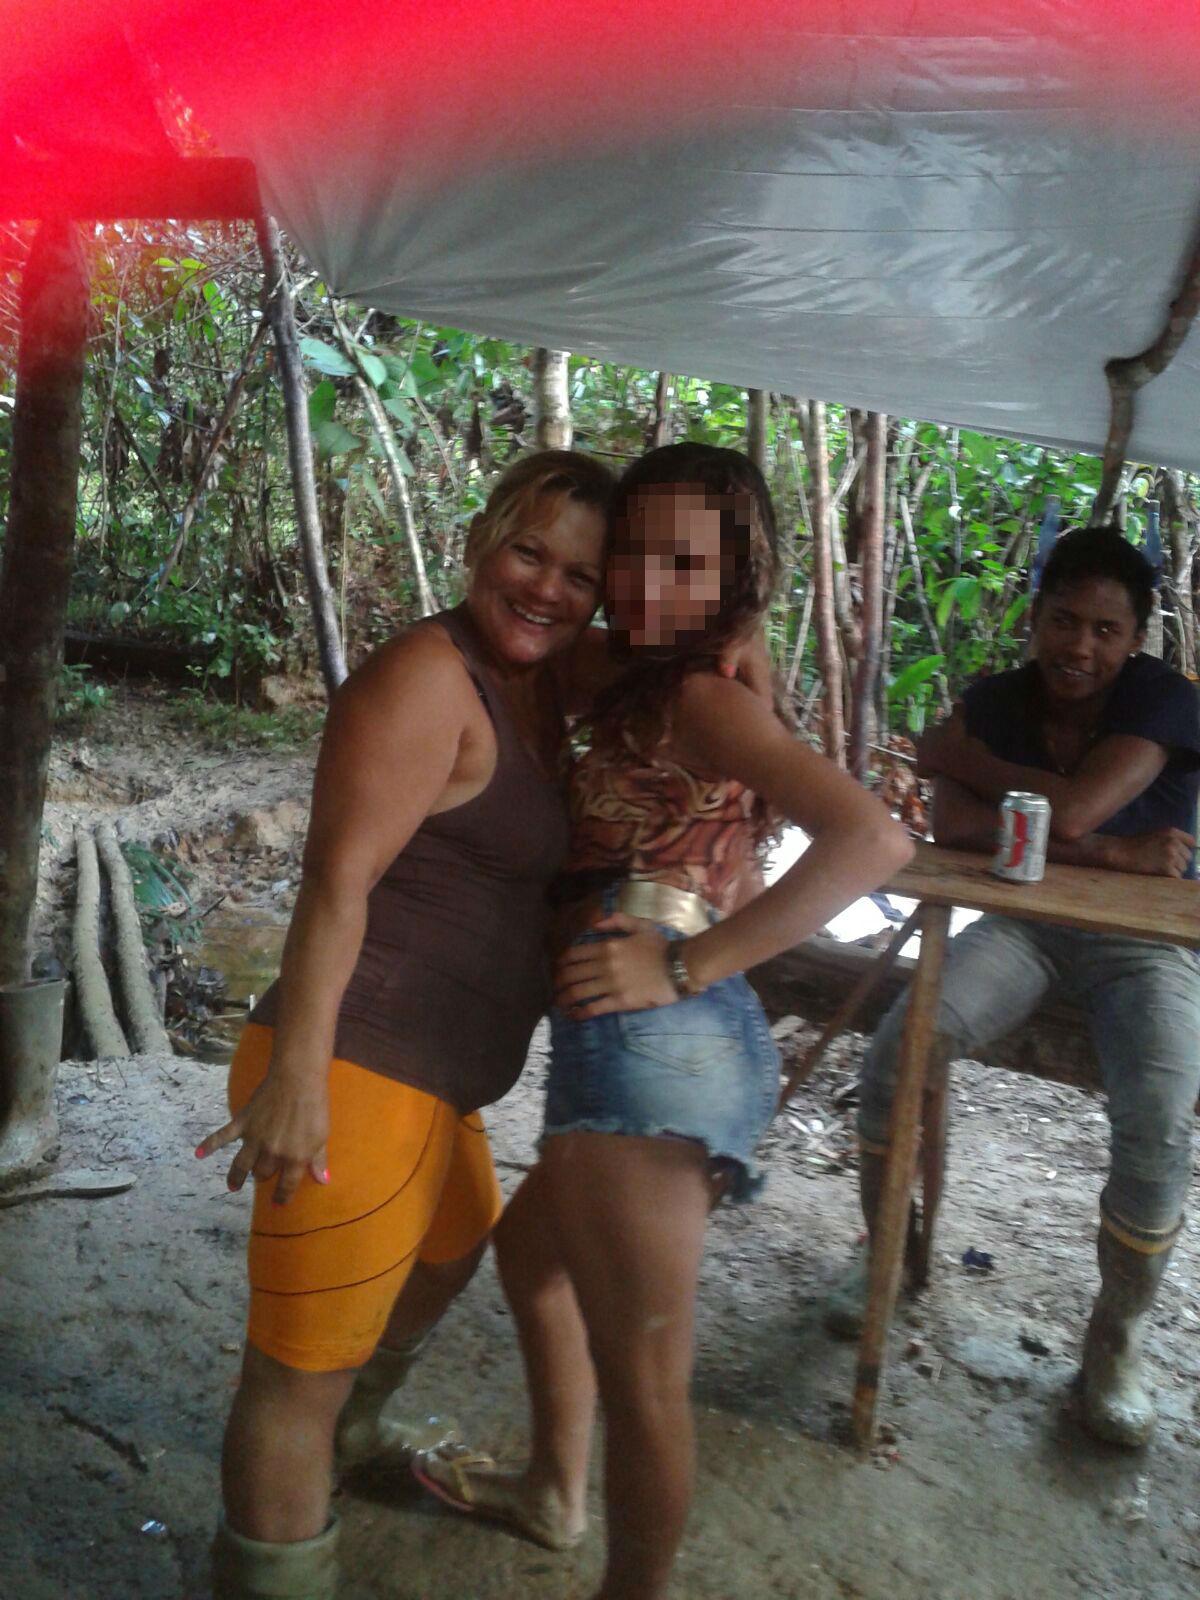 Cláudia Silva com a adolescente que dança e bebe no acampamento